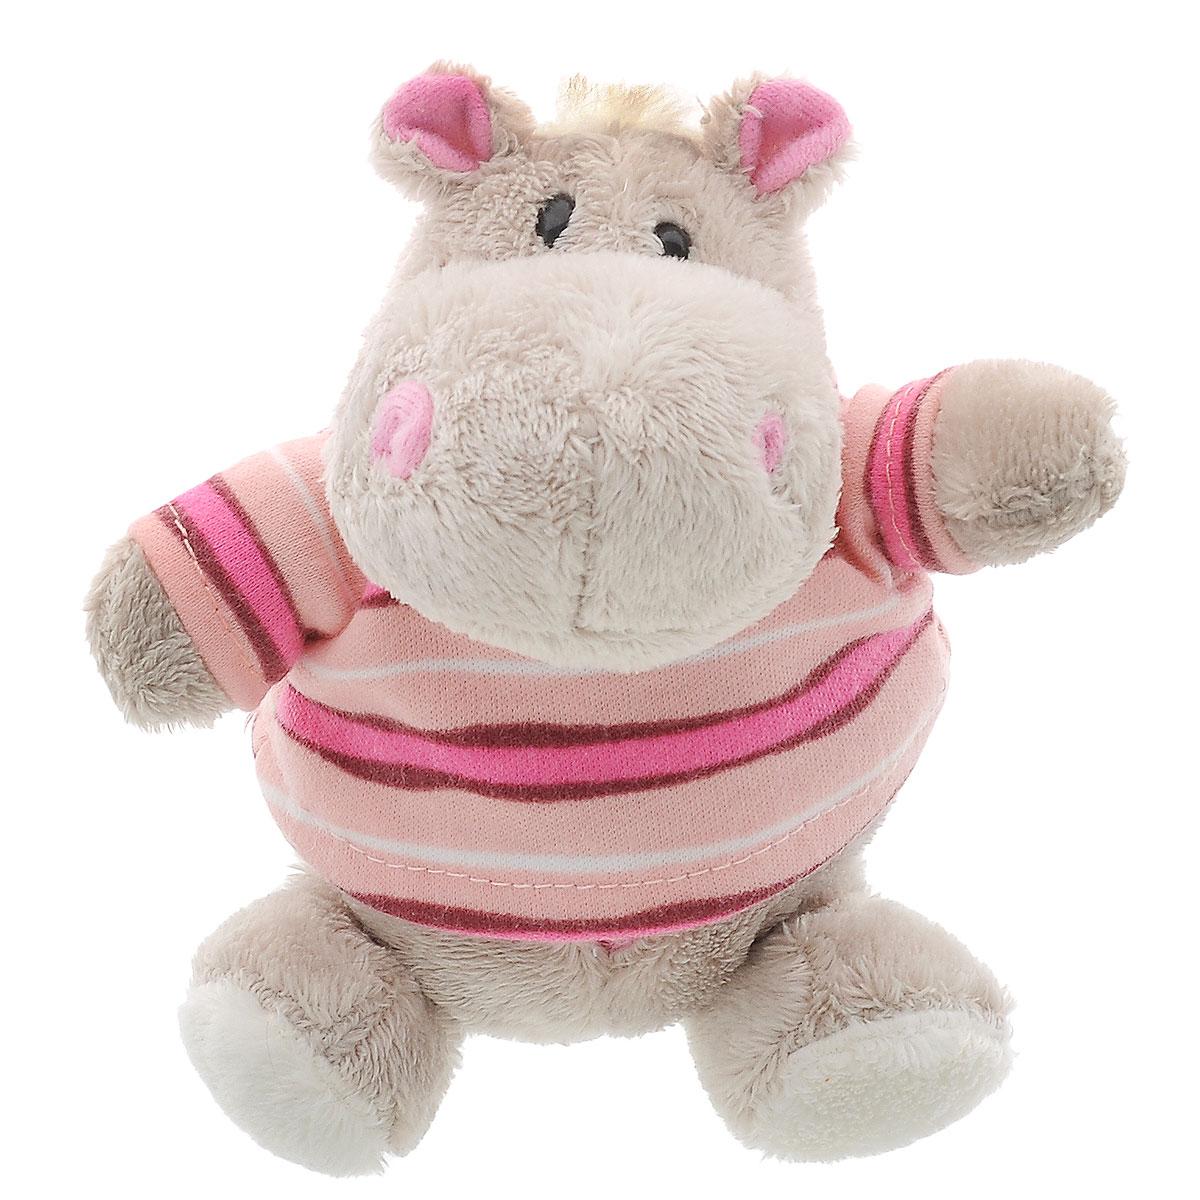 Orange Exclusive Мягкая игрушка Бегемот Жорик цвет серый розовый 10 см